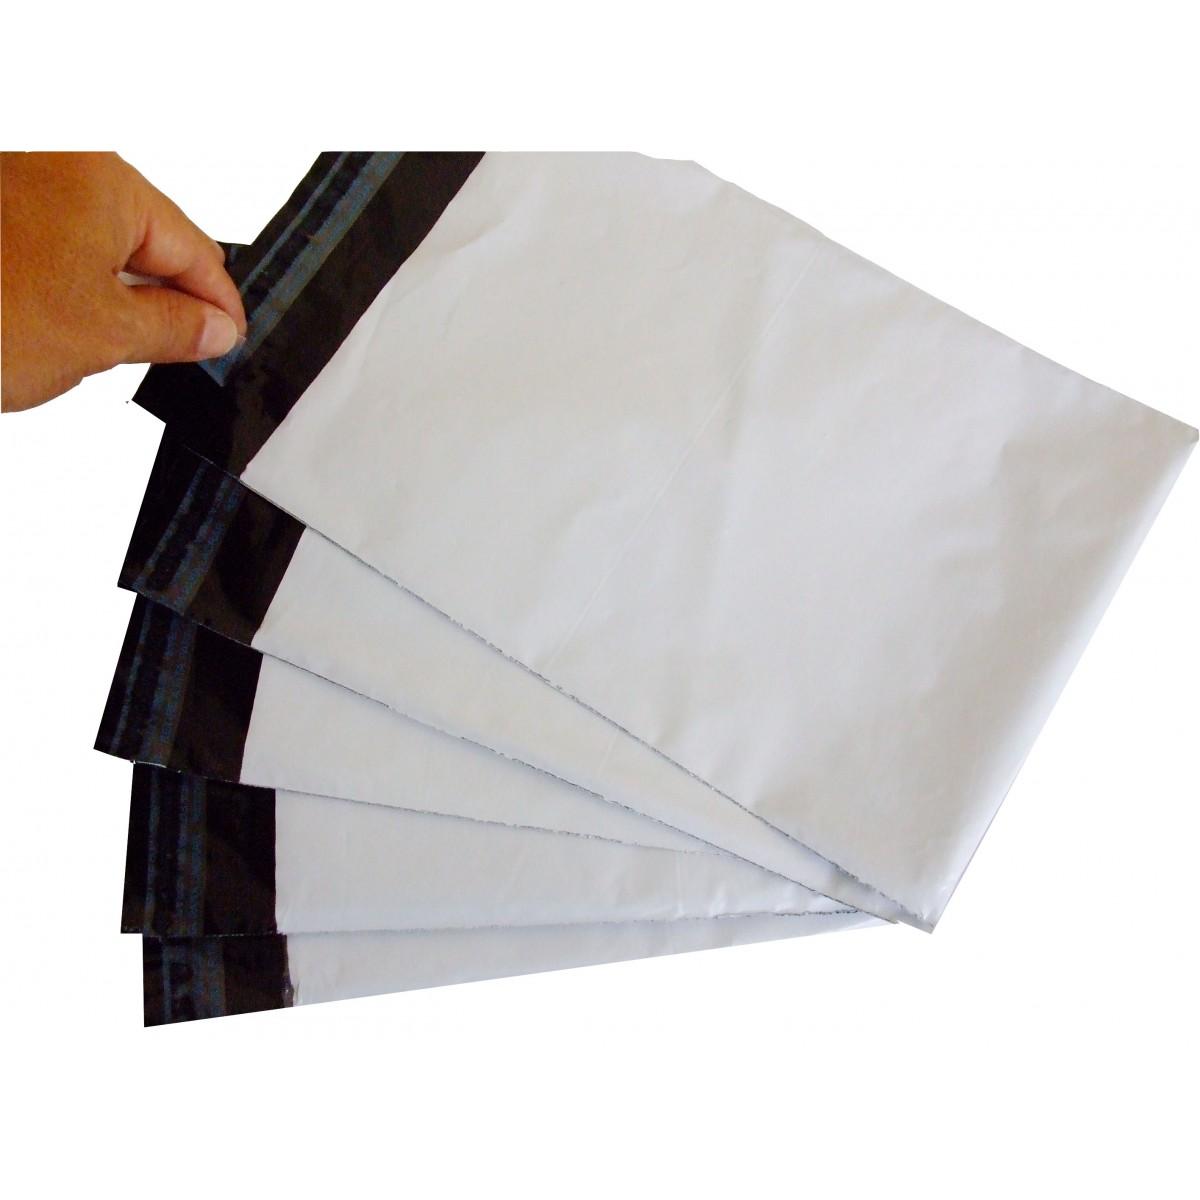 Envelope de Segurança Liso Branco L:26 X C:36 + 5 (Aba) cm